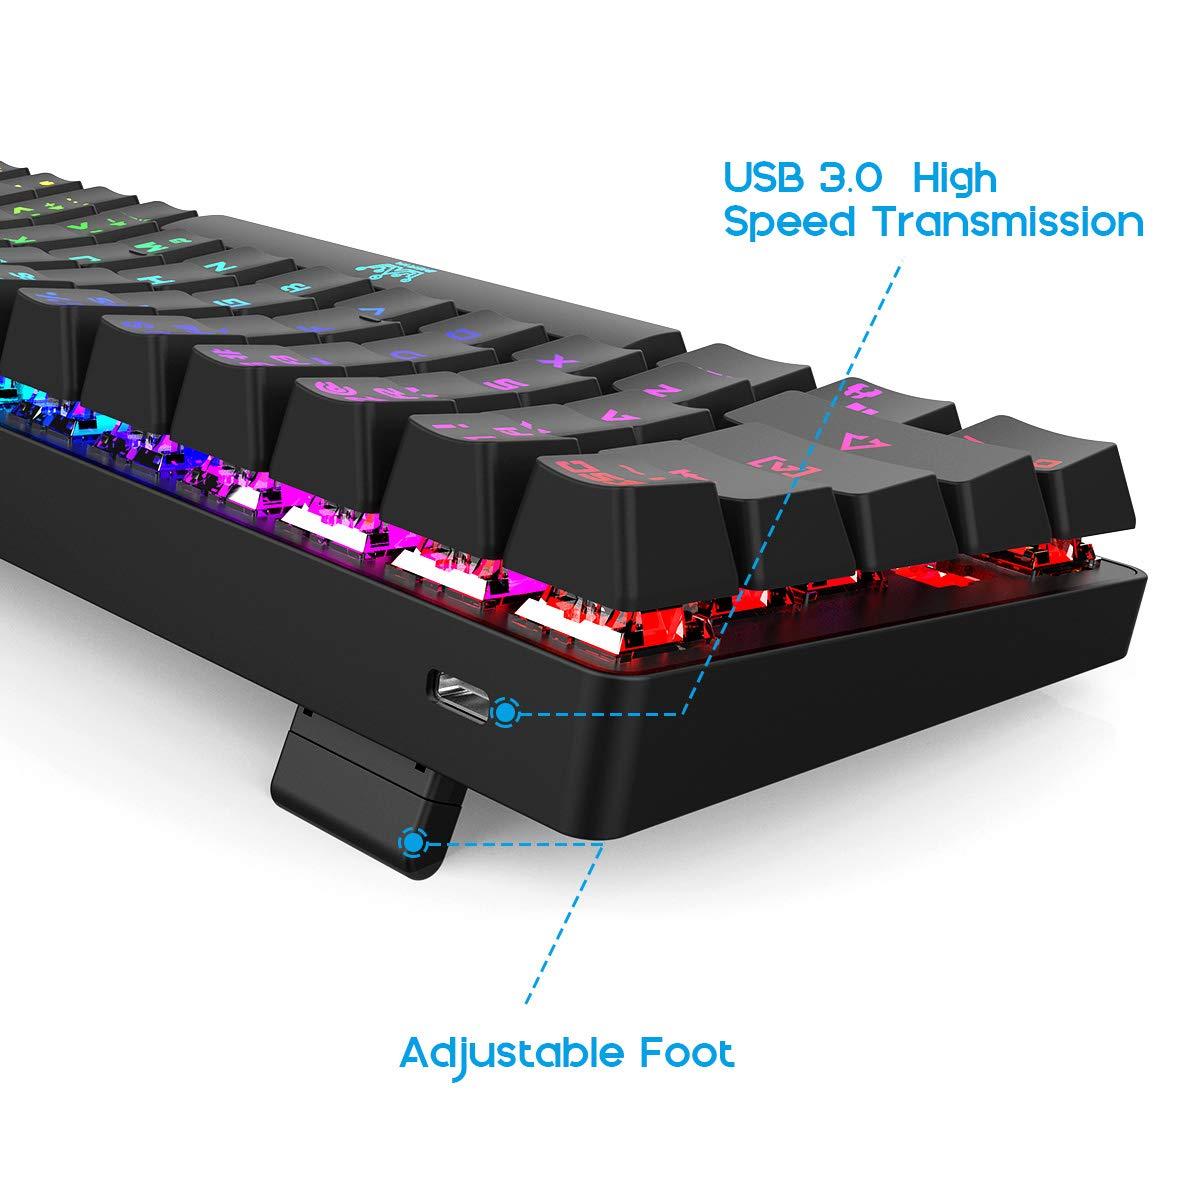 """Teclado de Juego Mec/ánico 60/% Bater/ía de 1900 mAh Cable Tipo C en Forma de /""""L/"""" para Jugadores y Mecan/&o Teclado de Computadora Al/ámbrico // Inal/ámbrico Bluetooth 4.0-63 Teclas Retroiluminaci/ón RGB Compacta"""